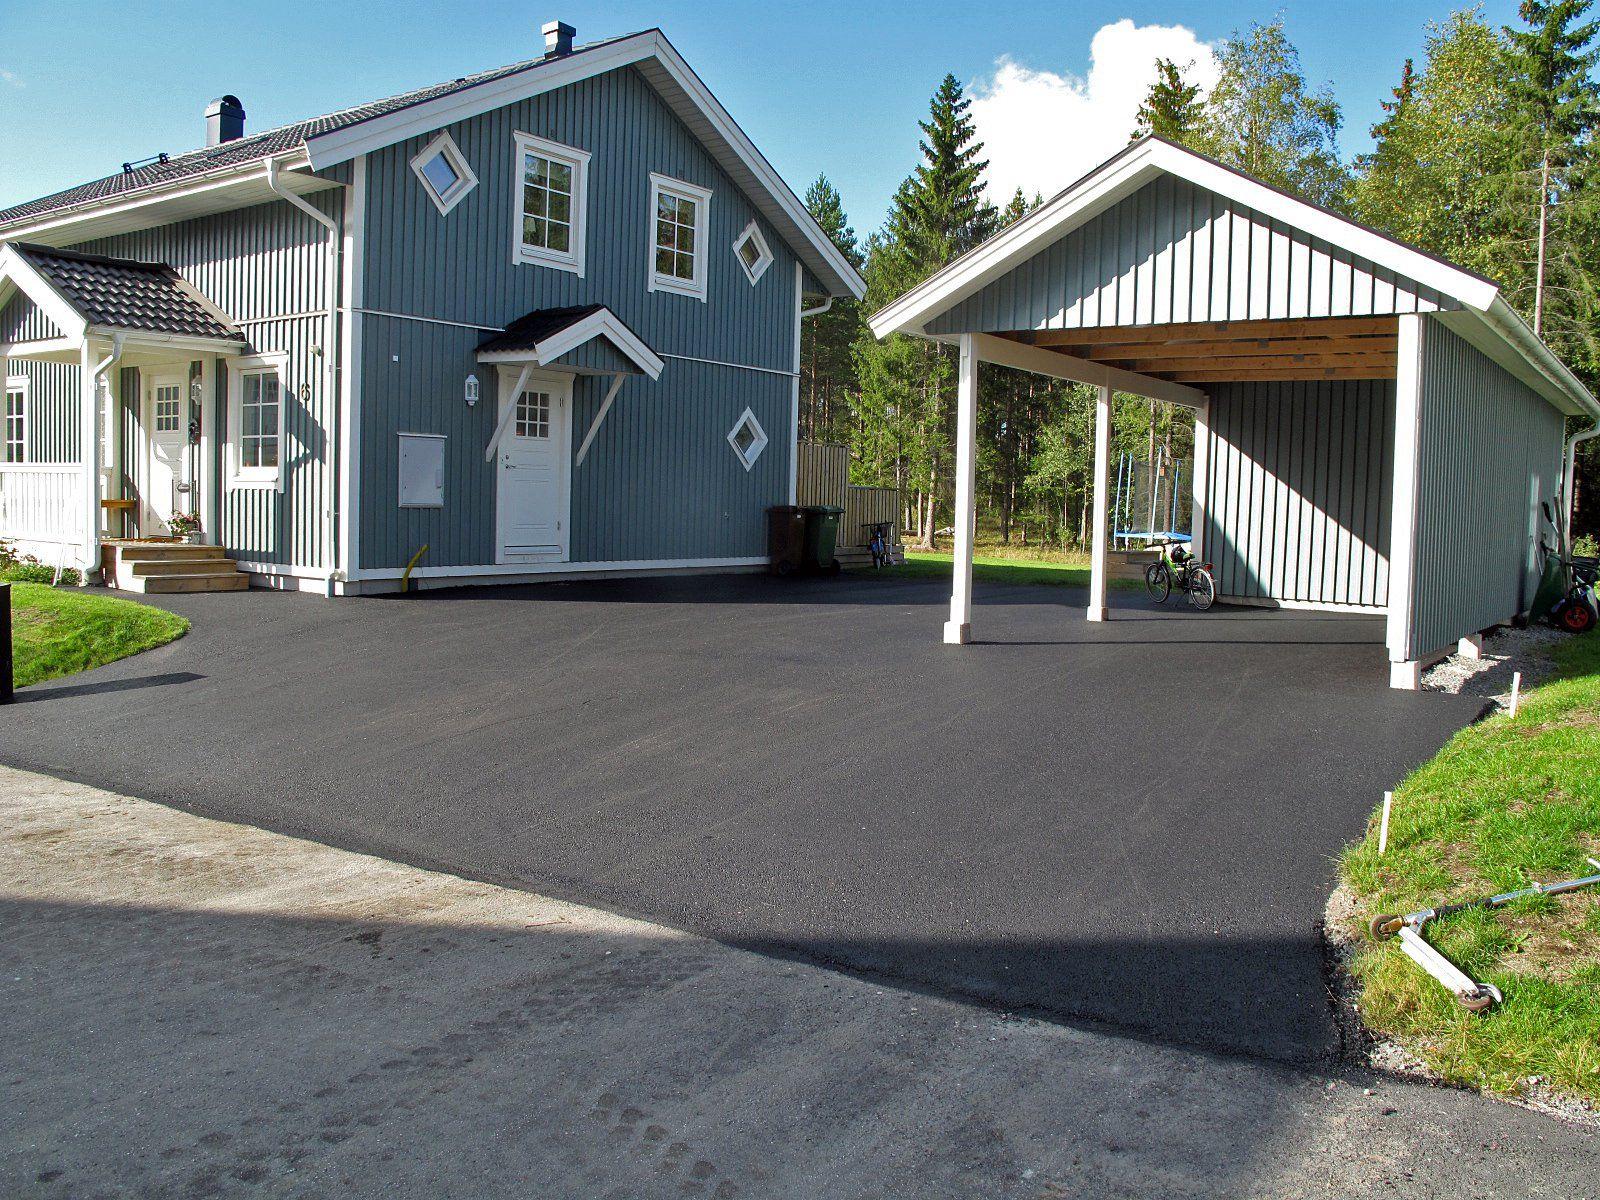 Bilder Carport Carport med garage, carport med förråd